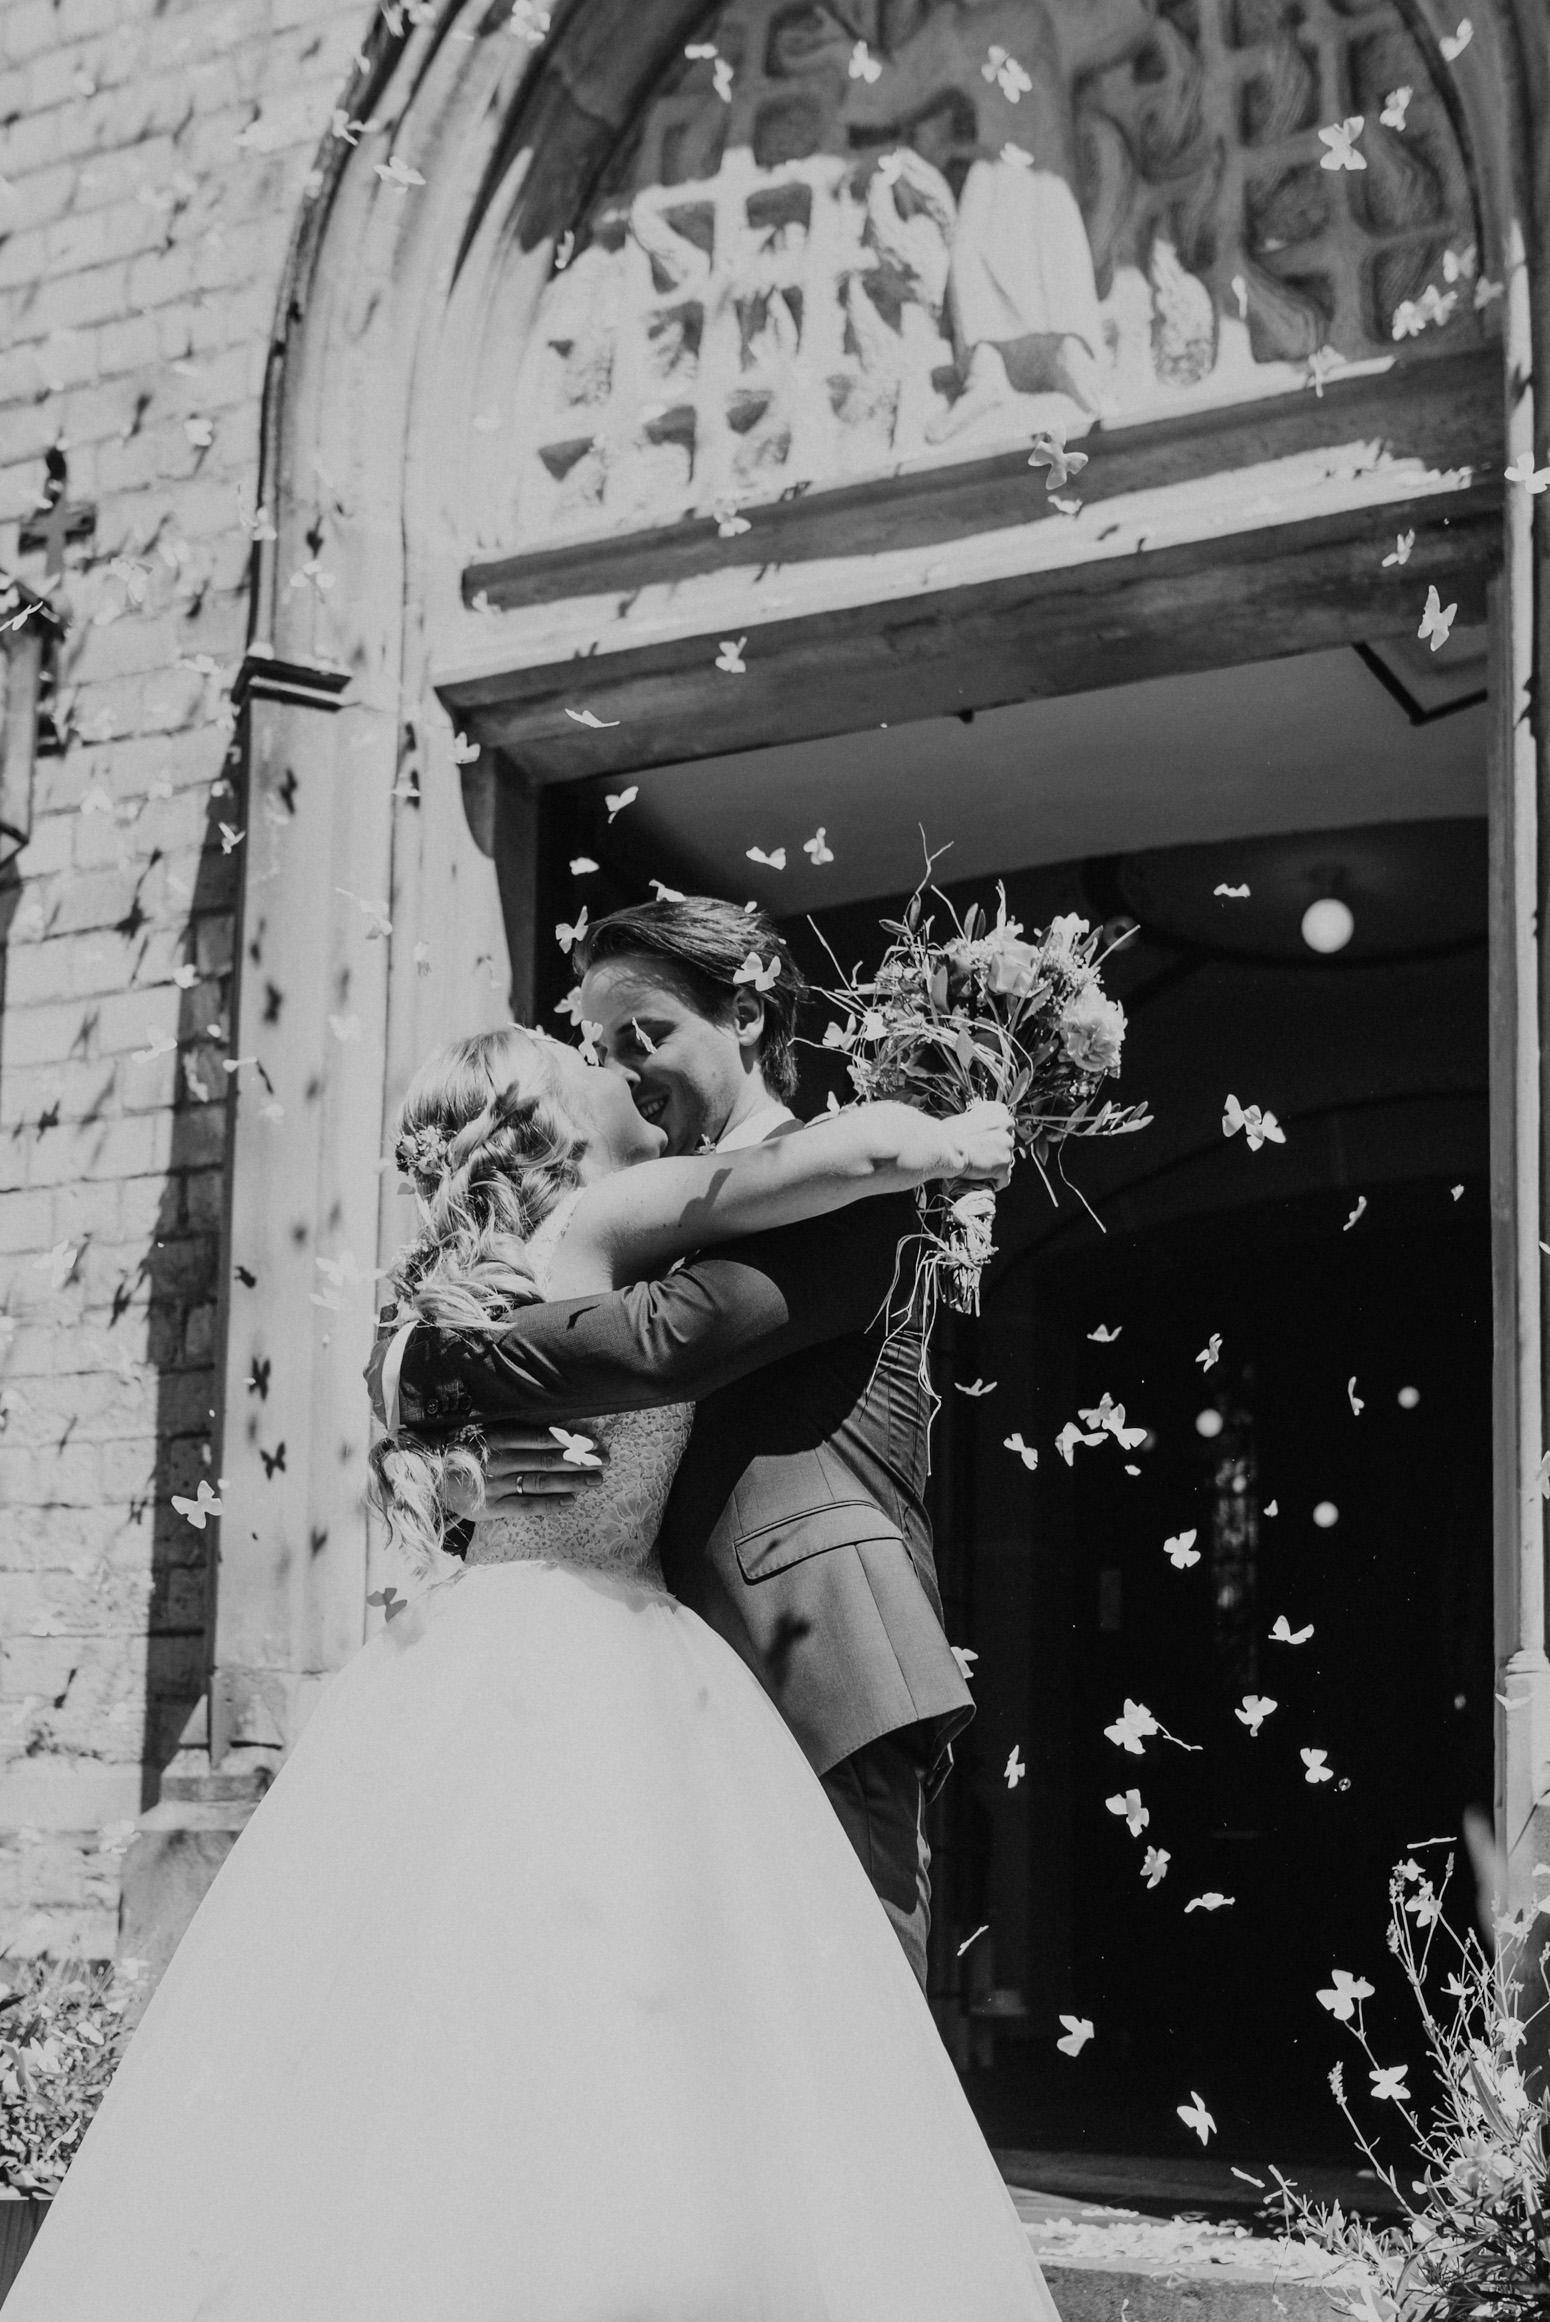 Fliegendes Konfetti beim Auszug des Brautpaares aus der Kirche. Hochzeitsreportage Daria Becker von Genuine Bonds aus Bonn